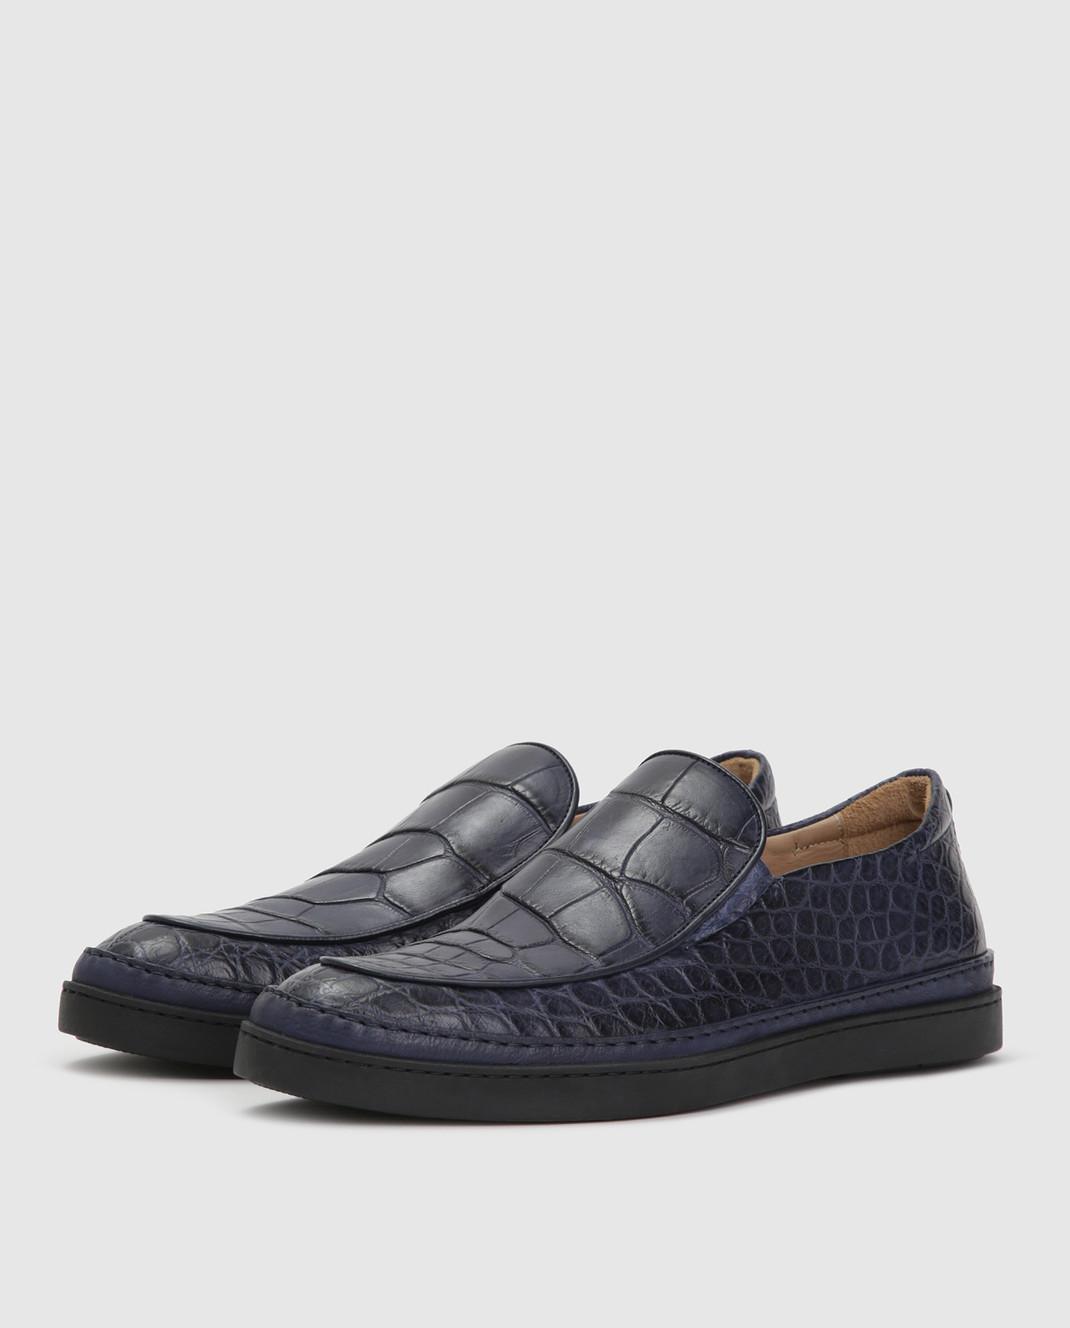 Del Dami Синие туфли из кожи аллигатора изображение 3